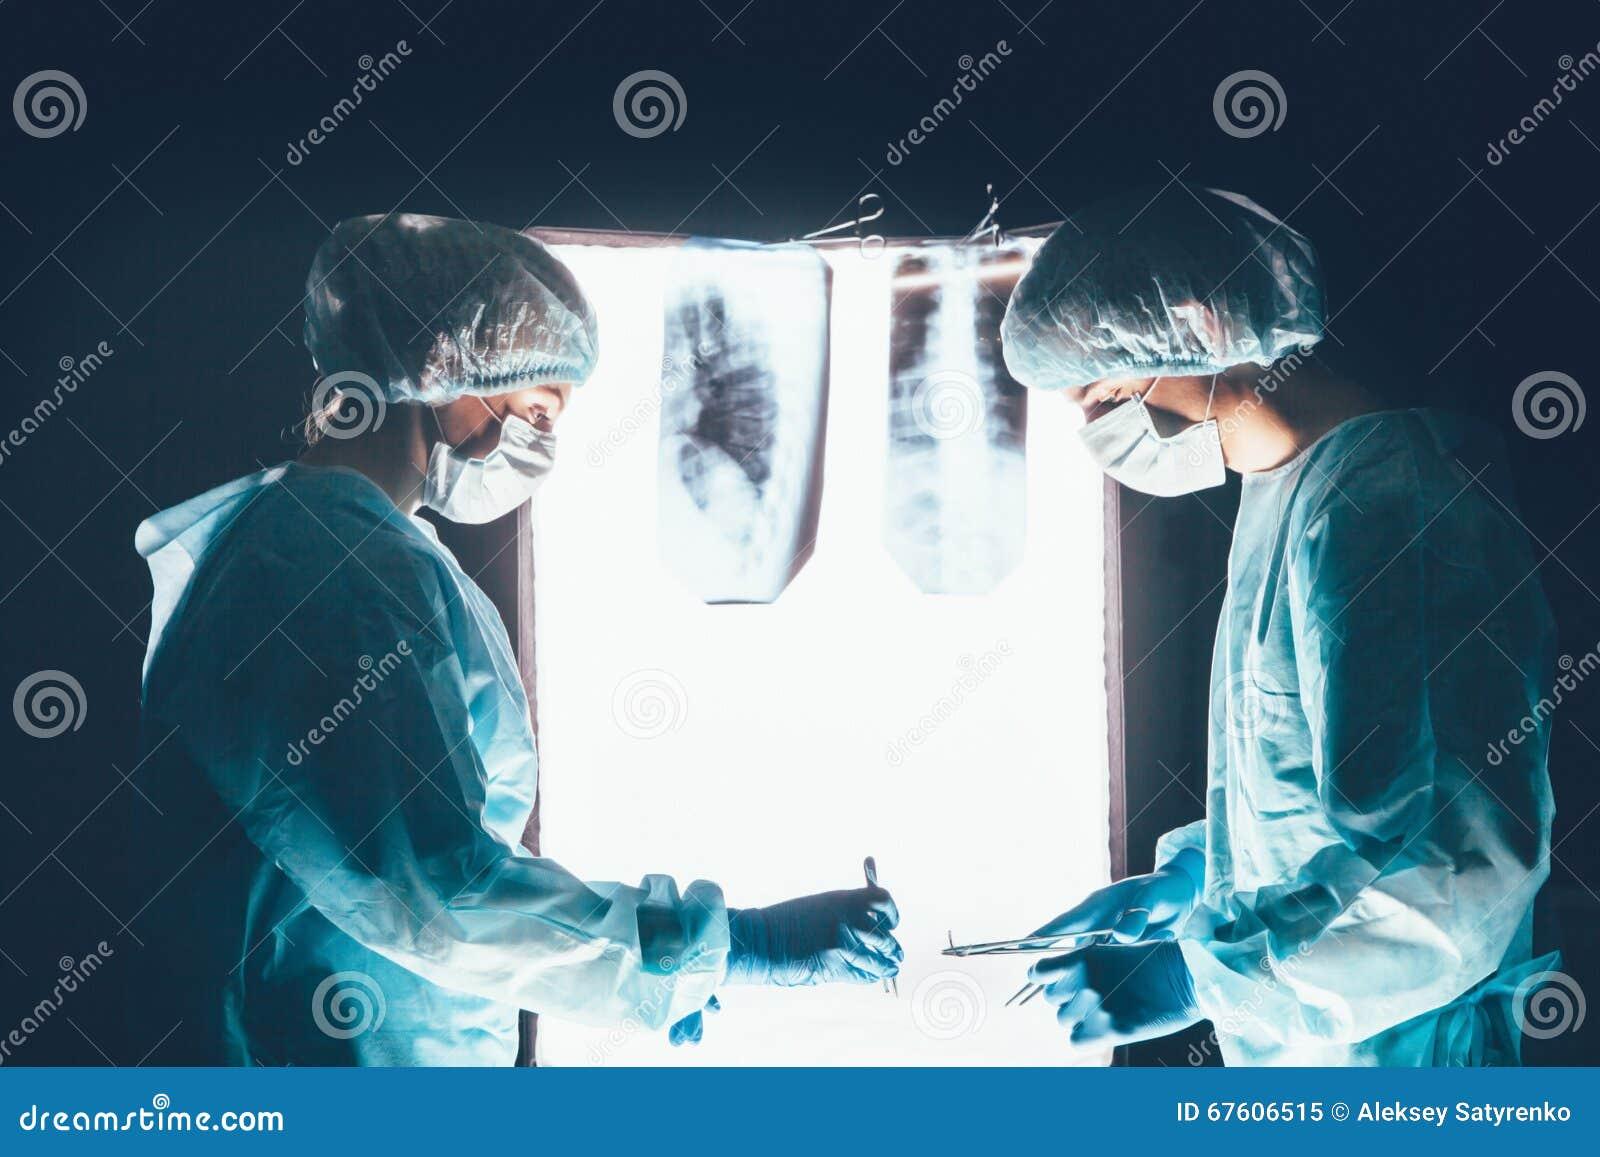 Zwei Chirurgen, die am Operationstisch arbeiten und sich konzentrieren